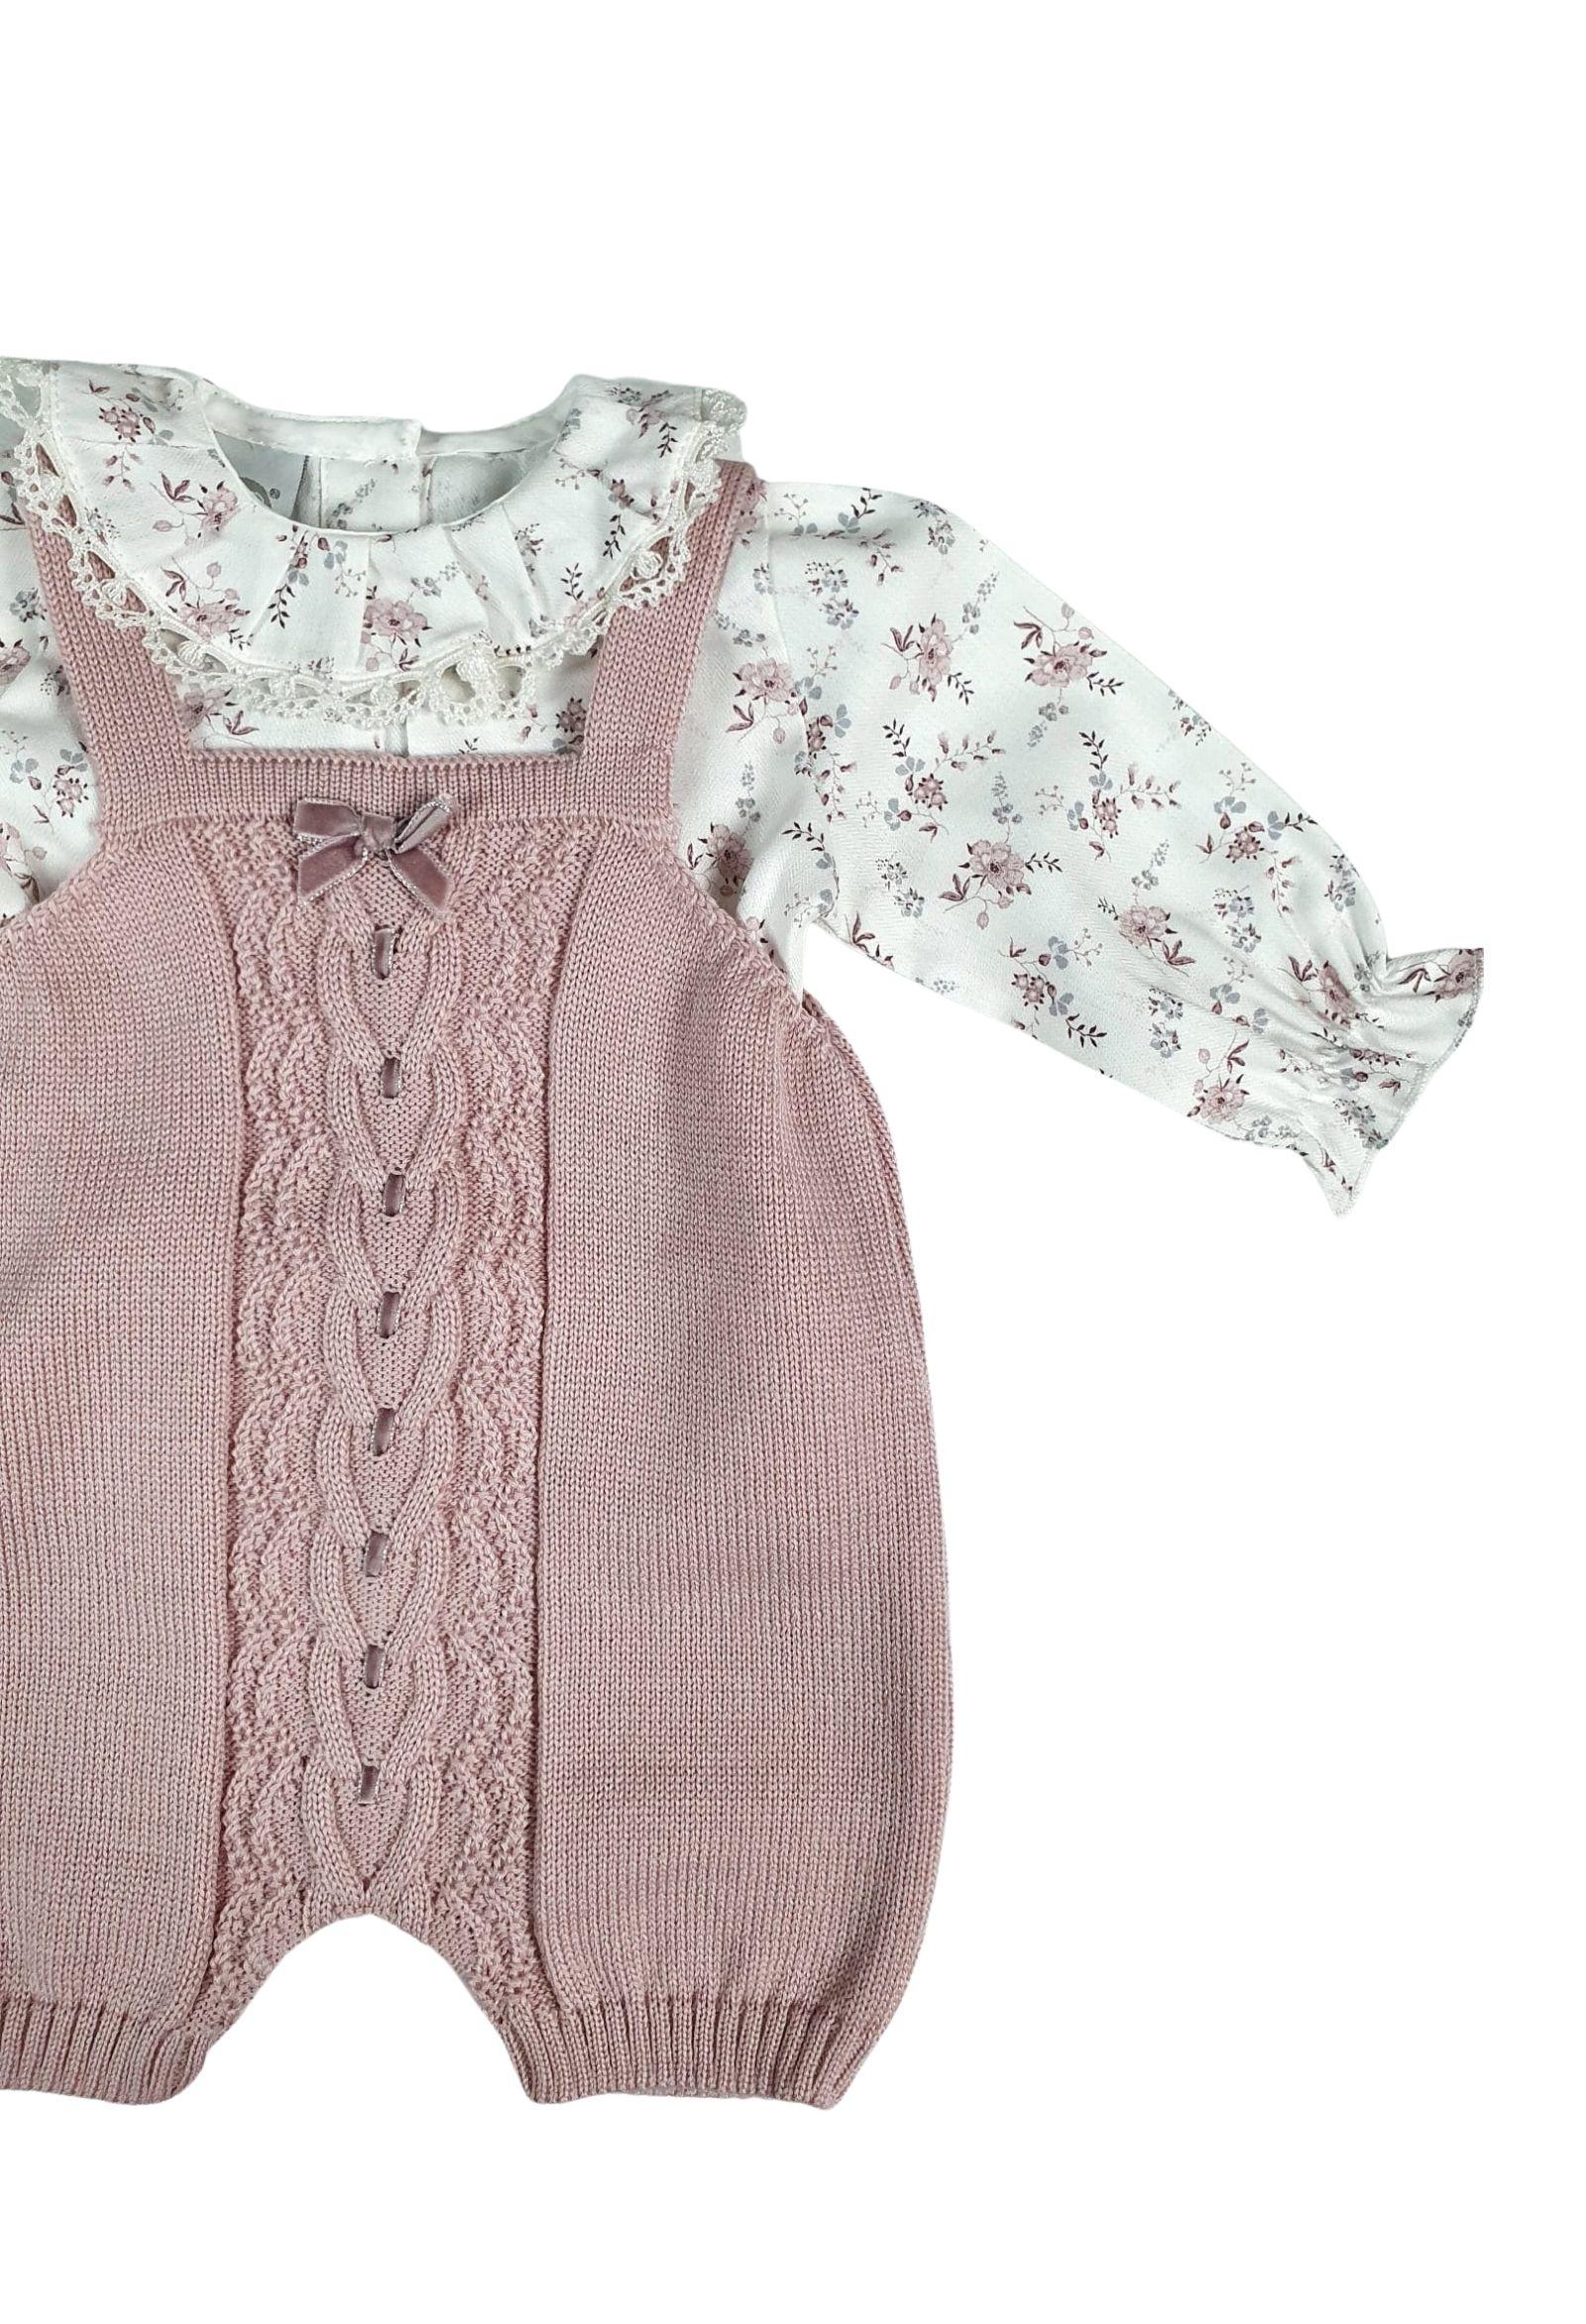 salopette in lana marsala con camicia fantasia marlu | Tutine | IC1030MARSALA